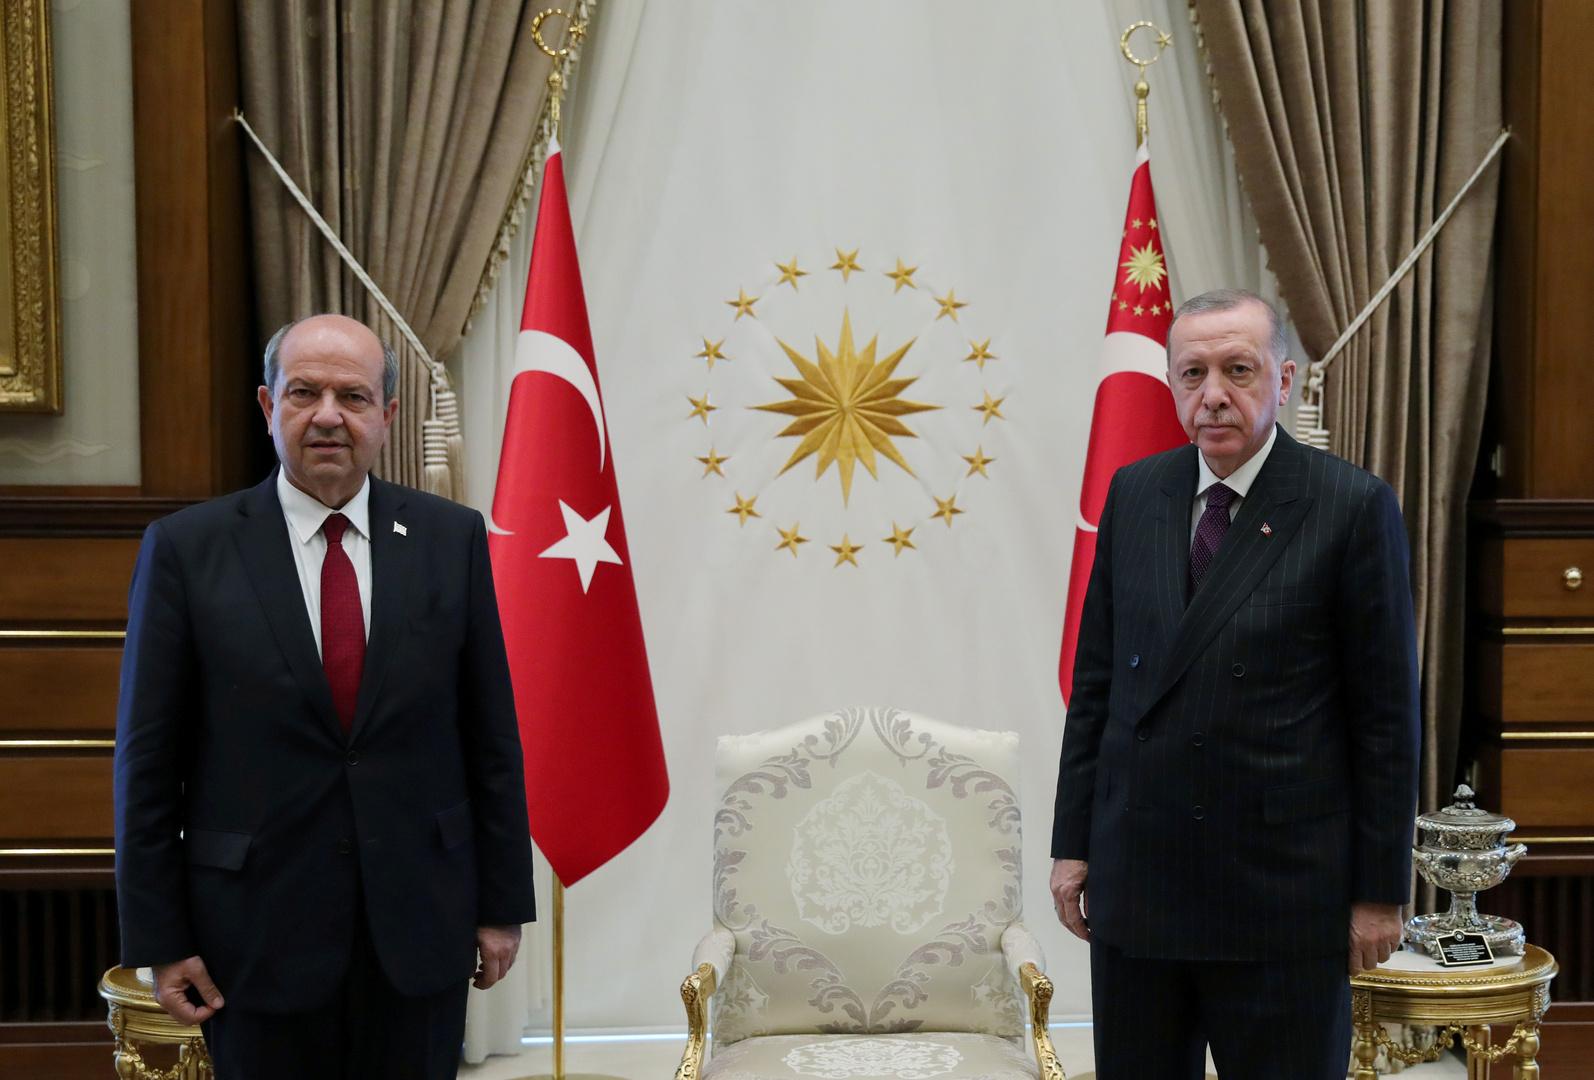 أردوغان يهنئ تتار بفوزه في انتخابات رئاسة شمال قبرص ويتعهد بحماية حقوقها ومصالحها